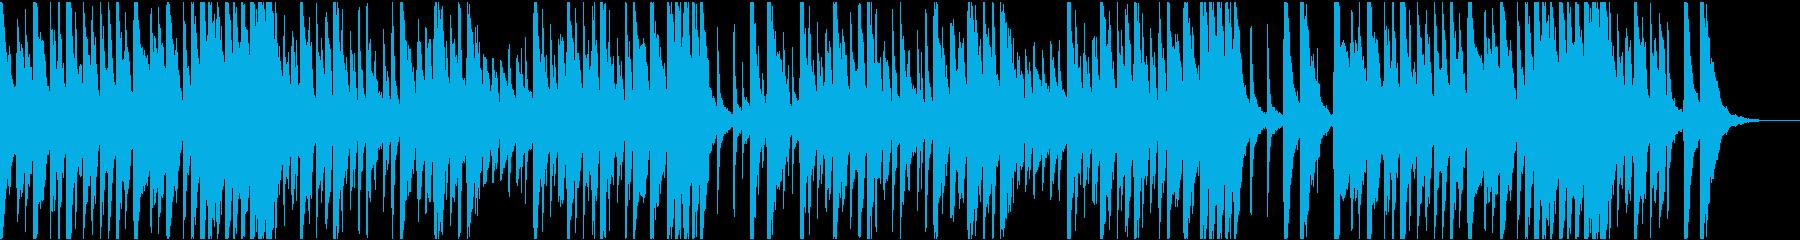 10秒でサビ、クラシック調のコミカルの再生済みの波形